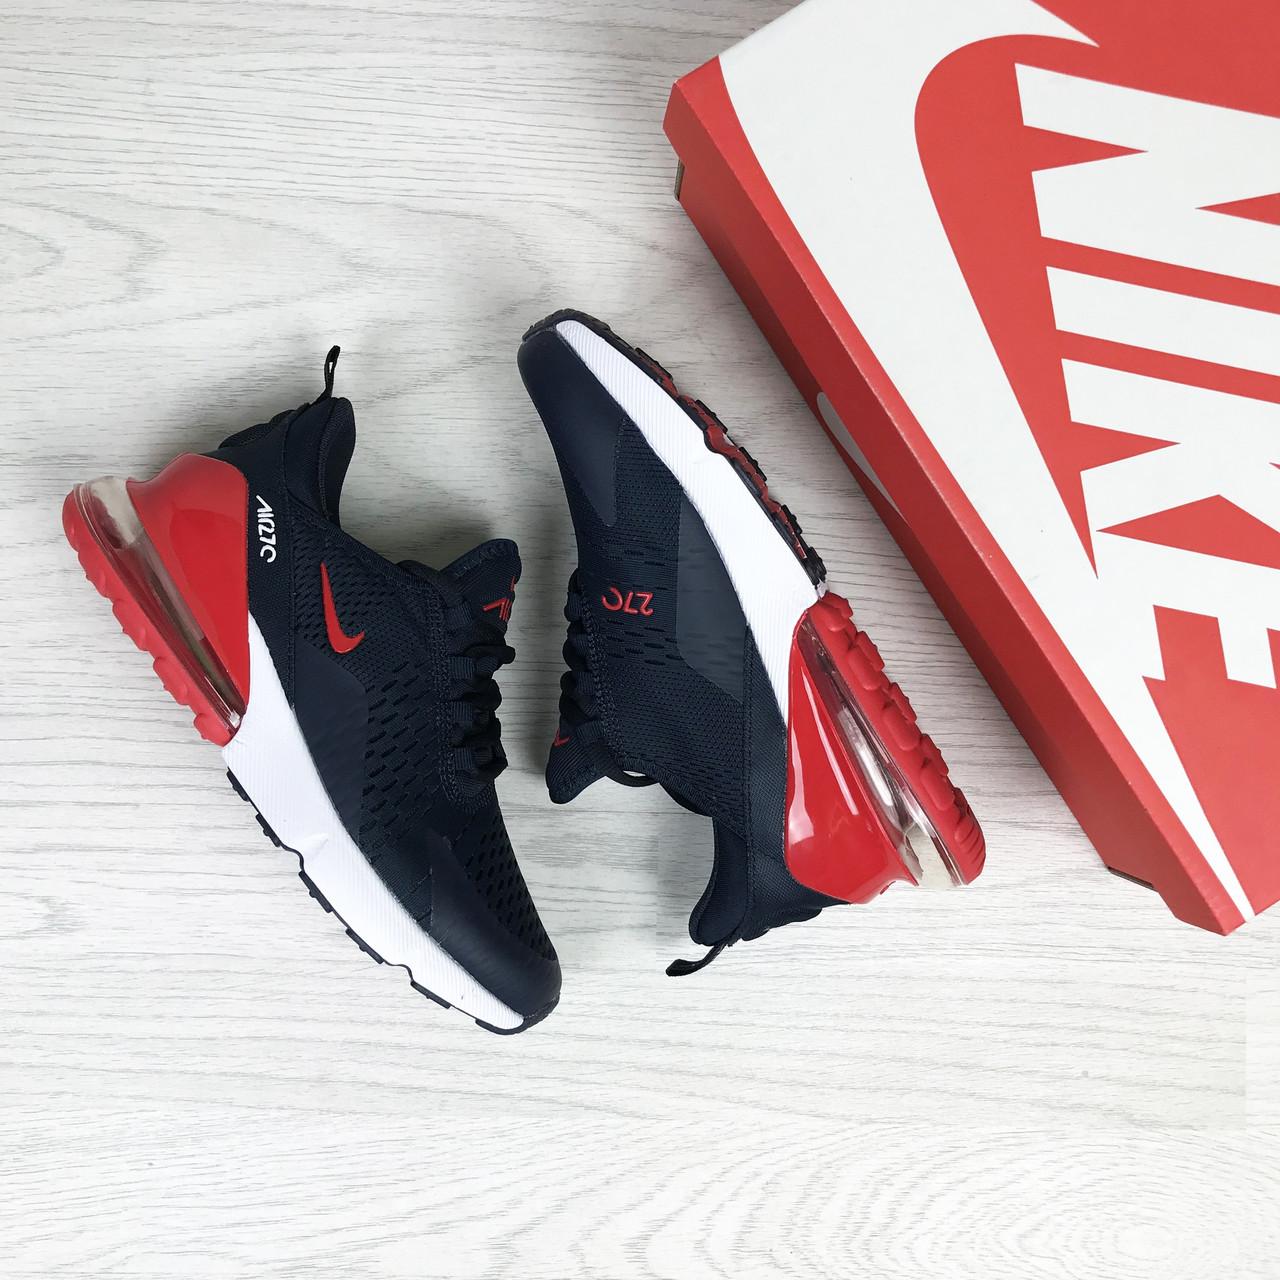 c3231996 Женские кроссовки Nike Air Max 270 синие (Реплика ААА+) - купить по ...